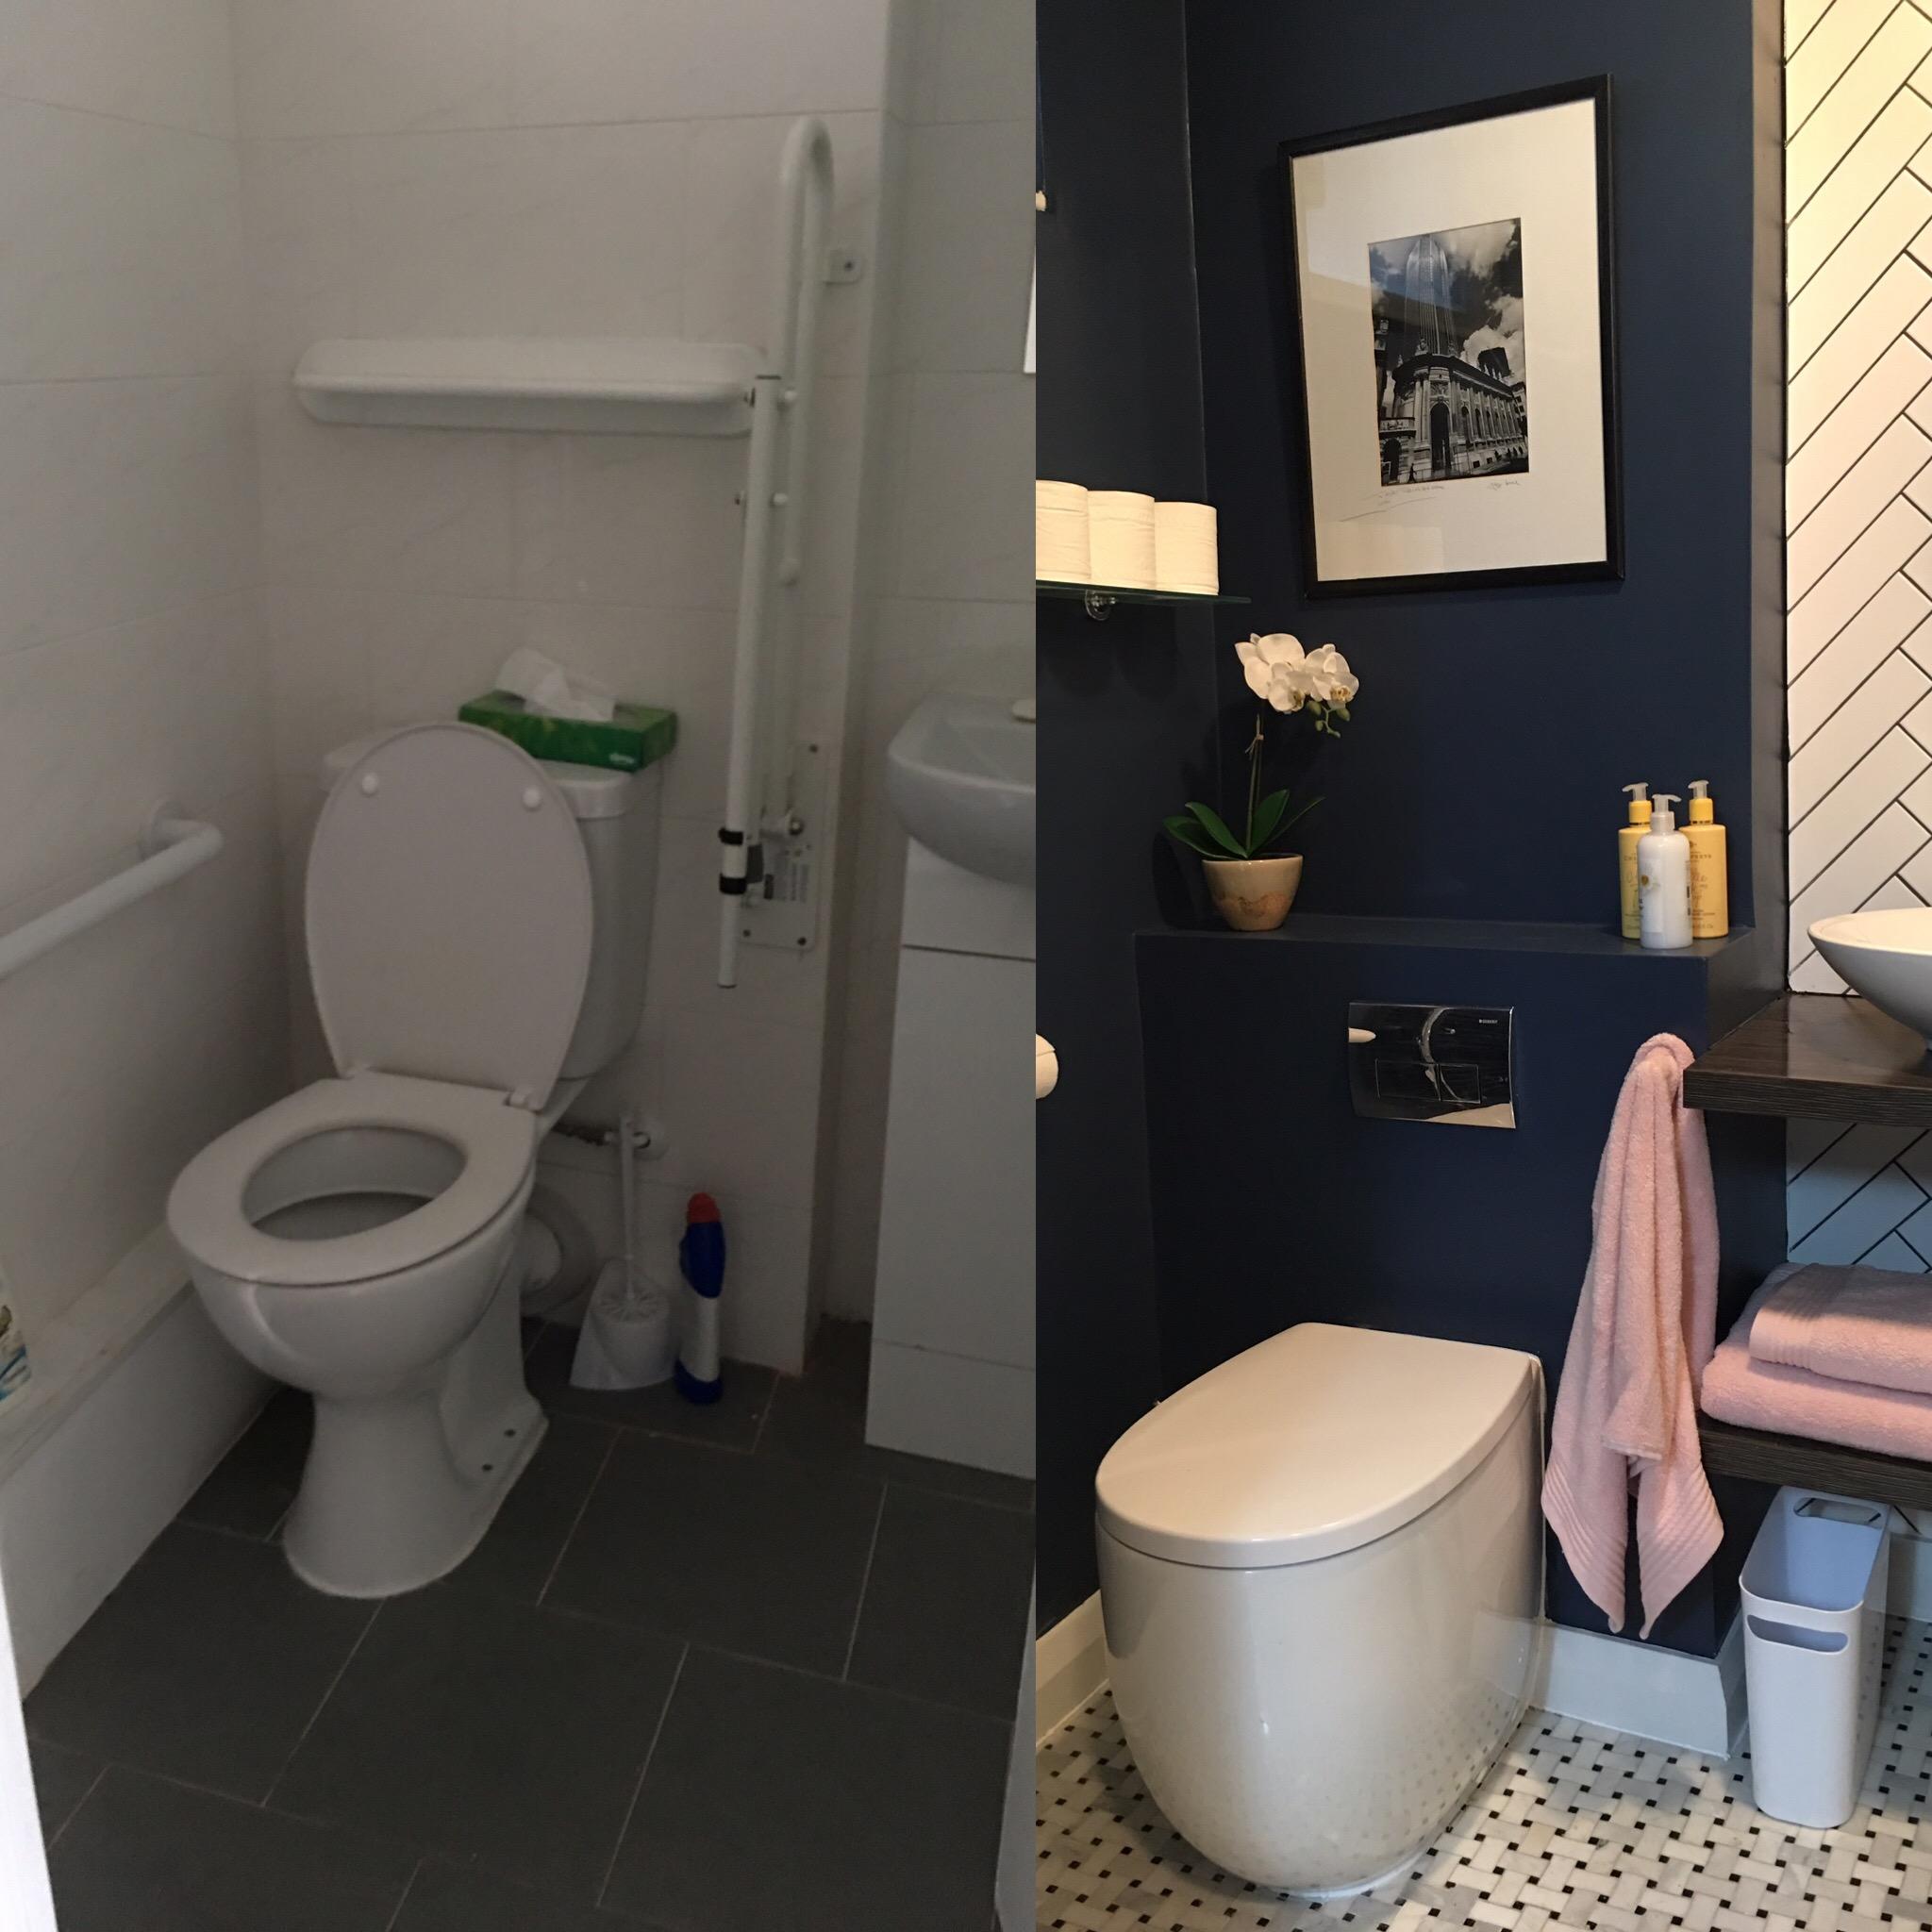 bathroom_before_after.jpg